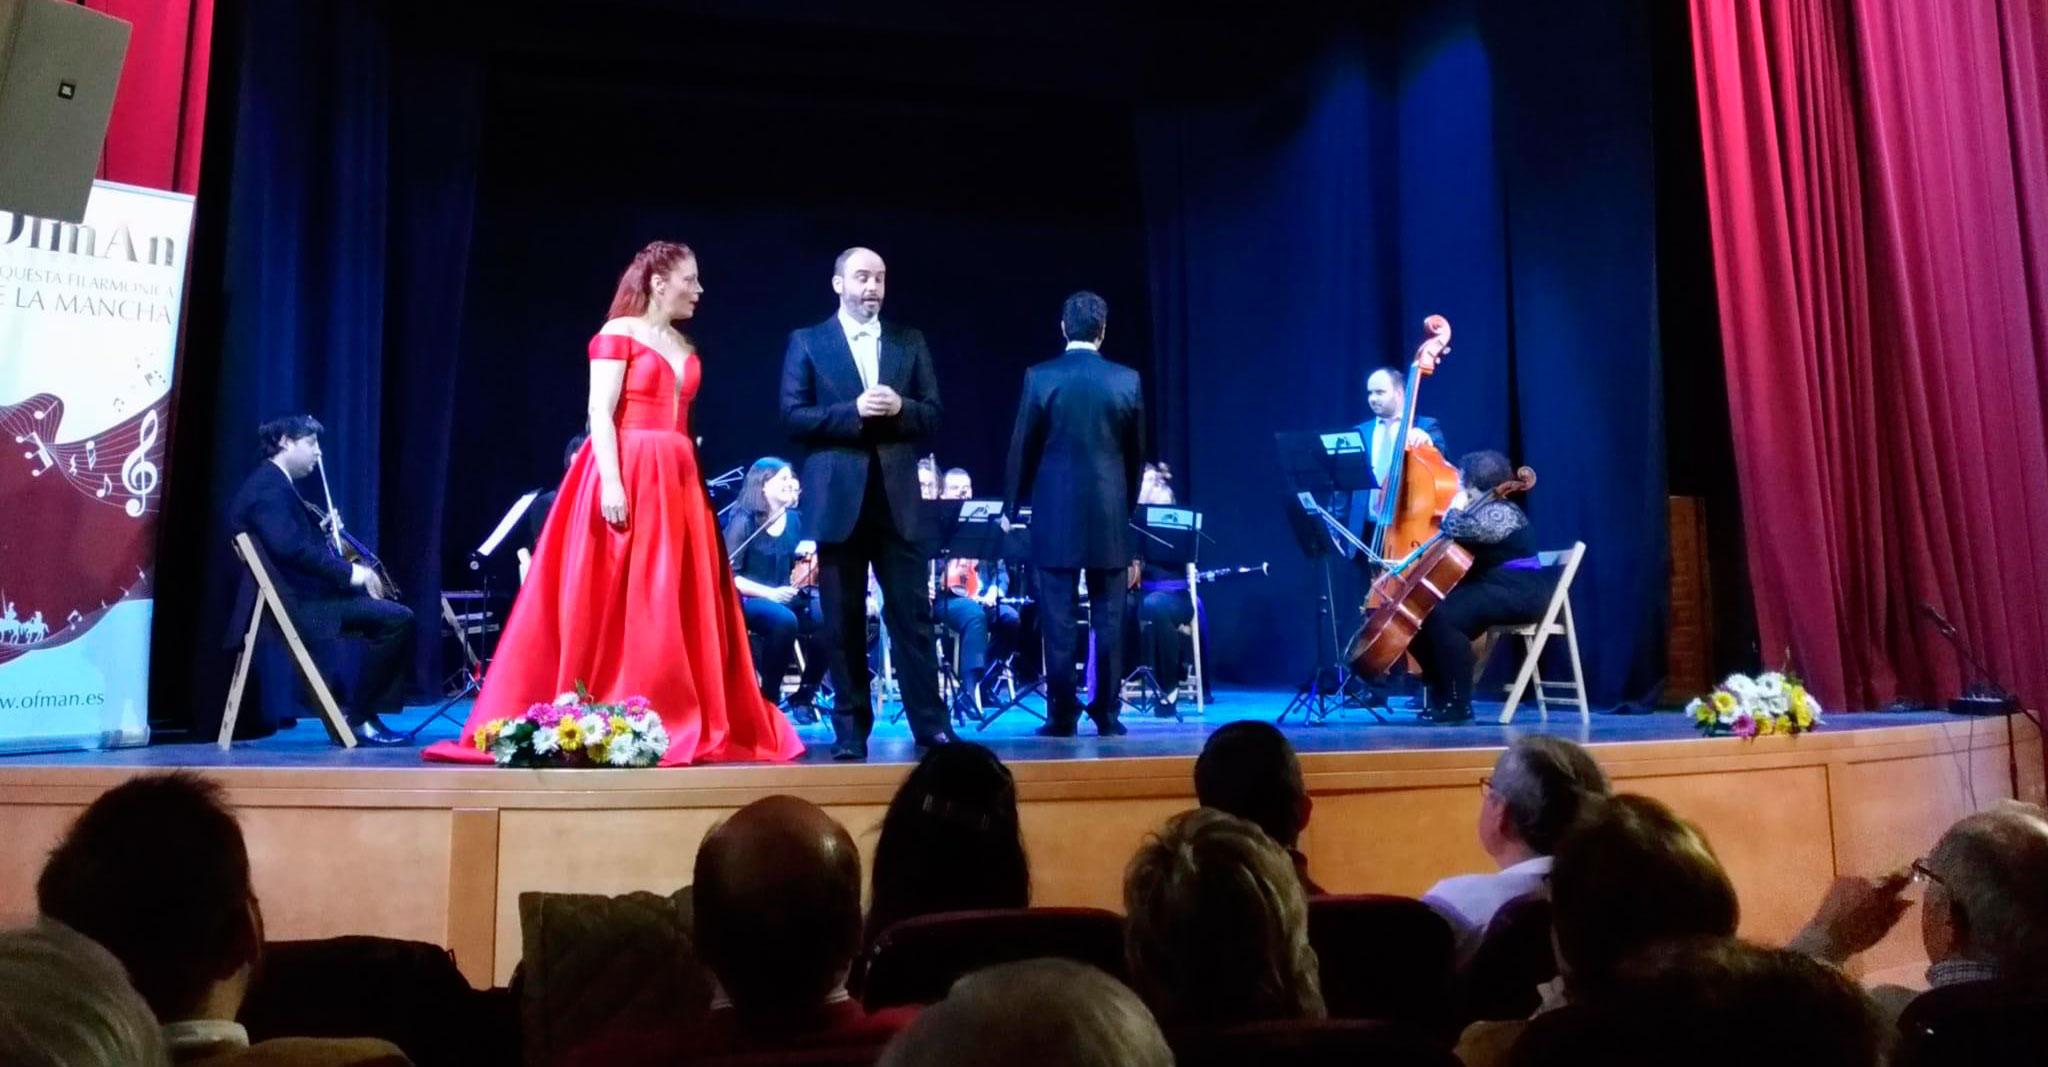 El 2020  arranca musicalmente en Infantes con la Gran Gala de Navidad y Año Nuevo a cargo de la Orquesta Filarmónica de La Mancha